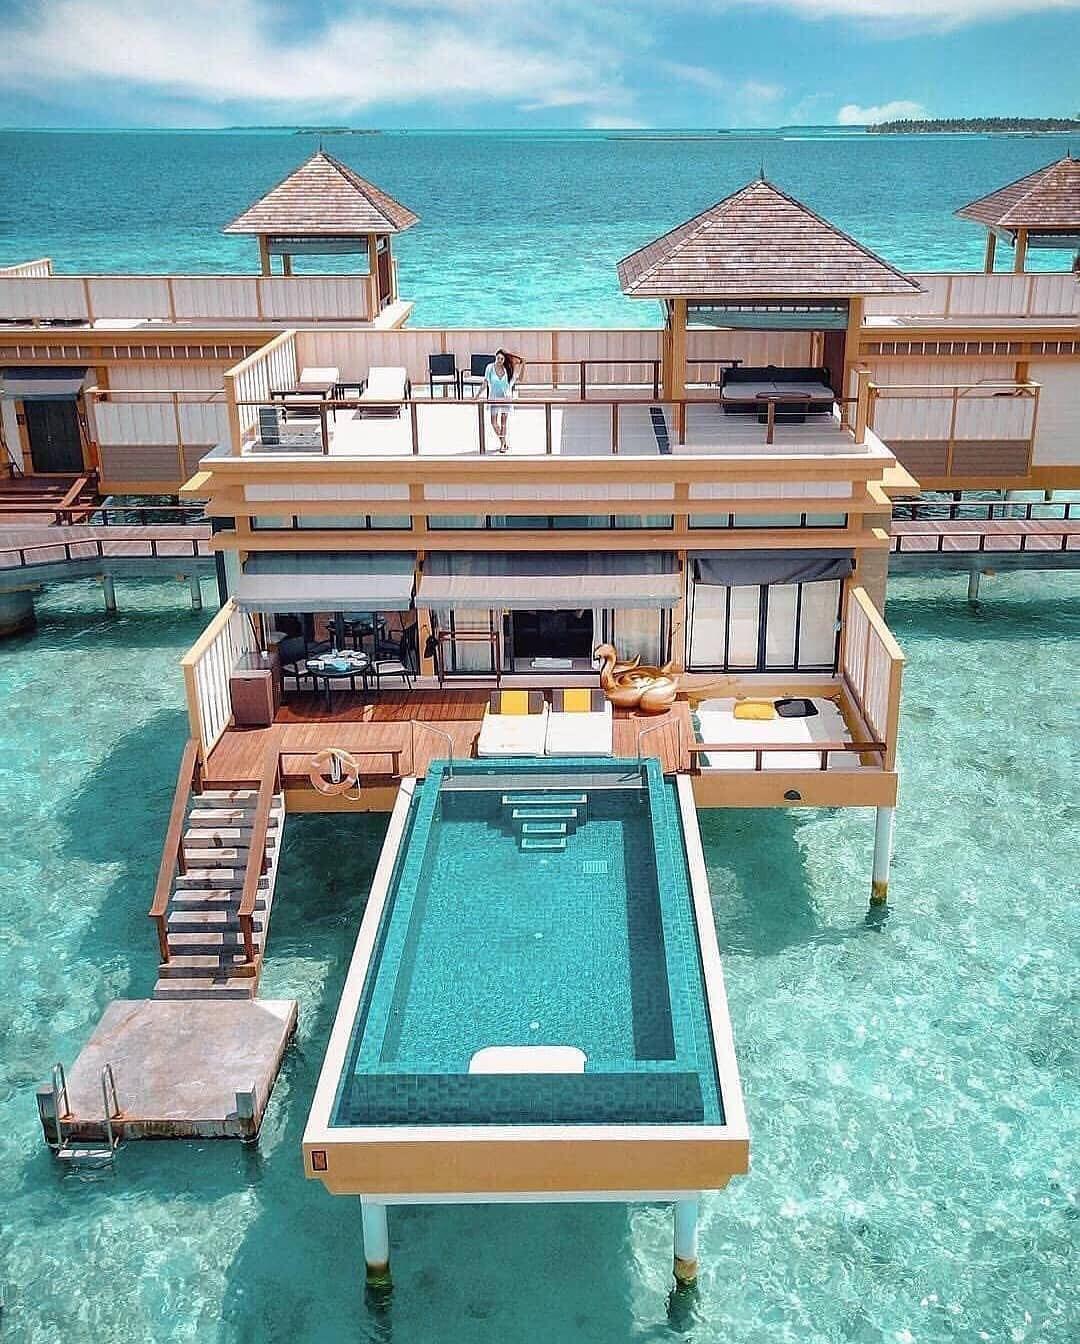 Hotel De Luxe Pas Cher : hotel, Resort, #Hotel, #Luxe, #Voyage, #vacances, Hotel, Amérique, Eur…, Casas, Ensueño,, Alberca,, Ensueño